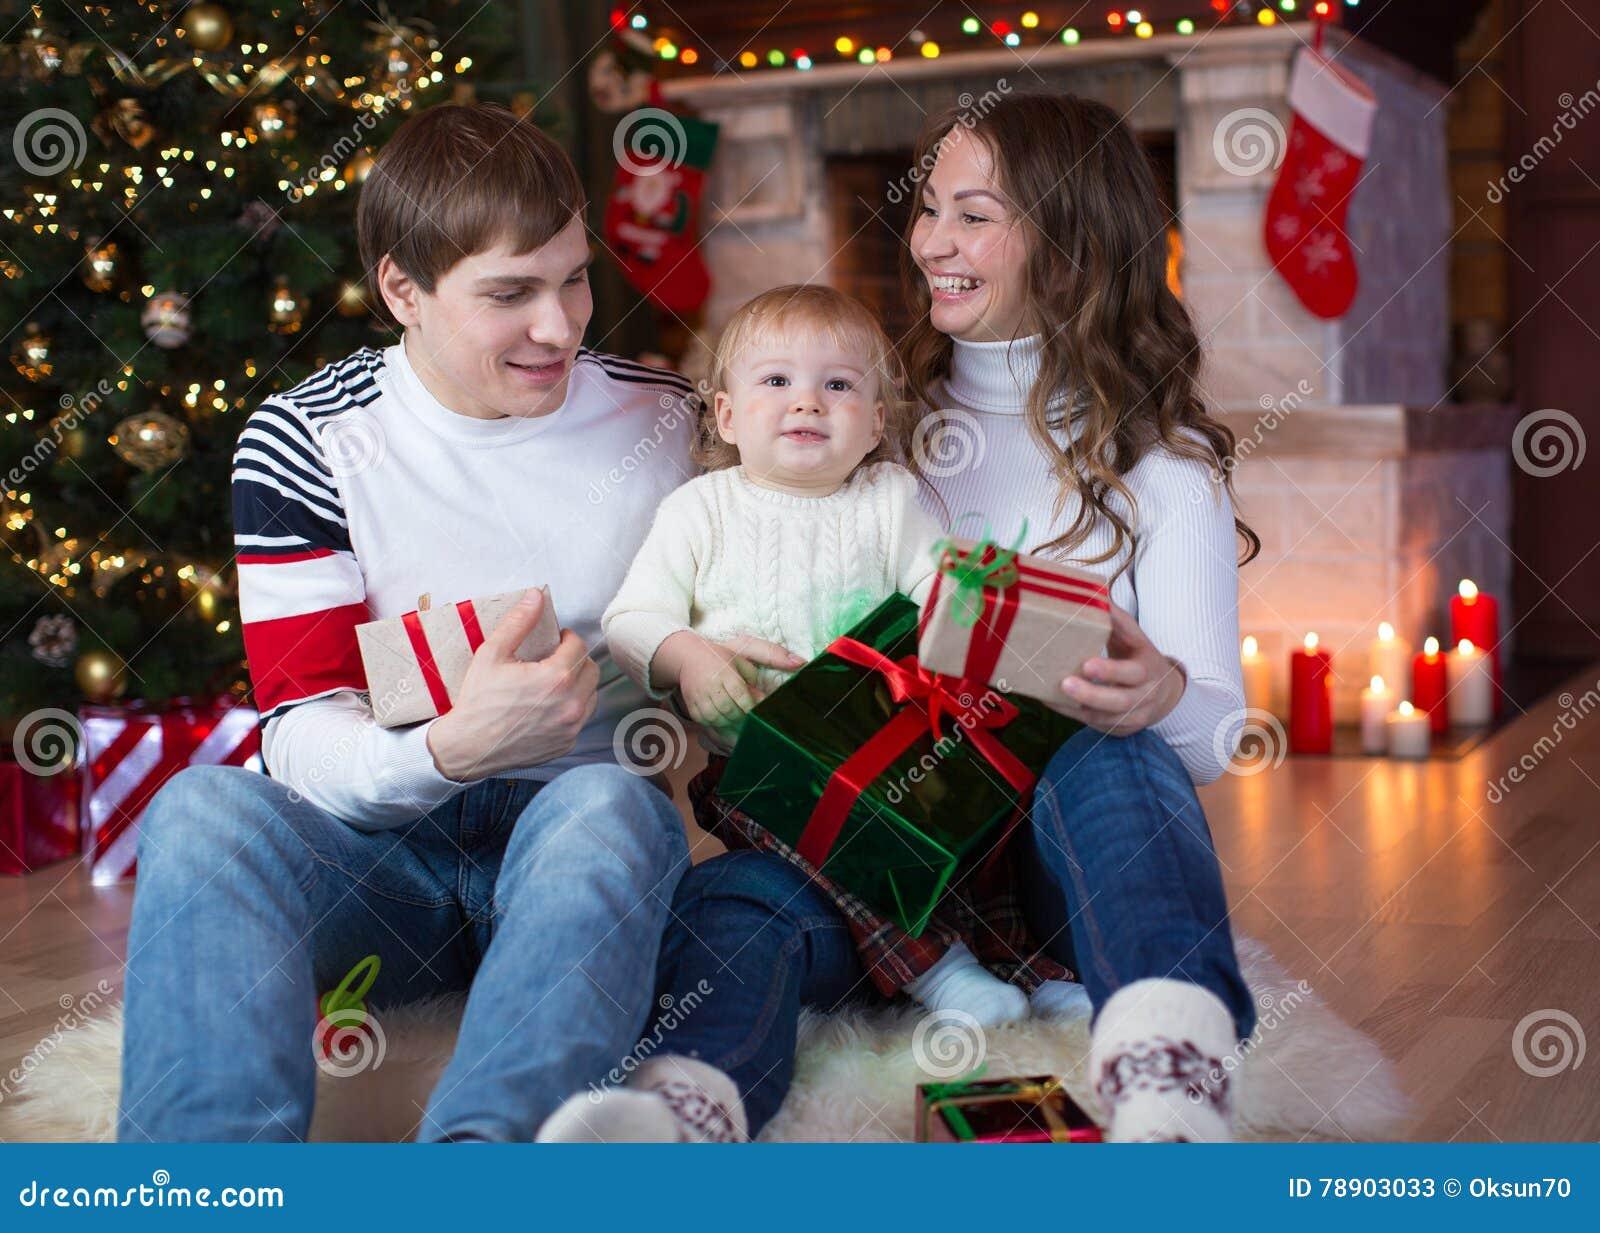 Regali Di Natale Famiglia.Famiglia Che Scambia I Regali Davanti All Albero Di Natale